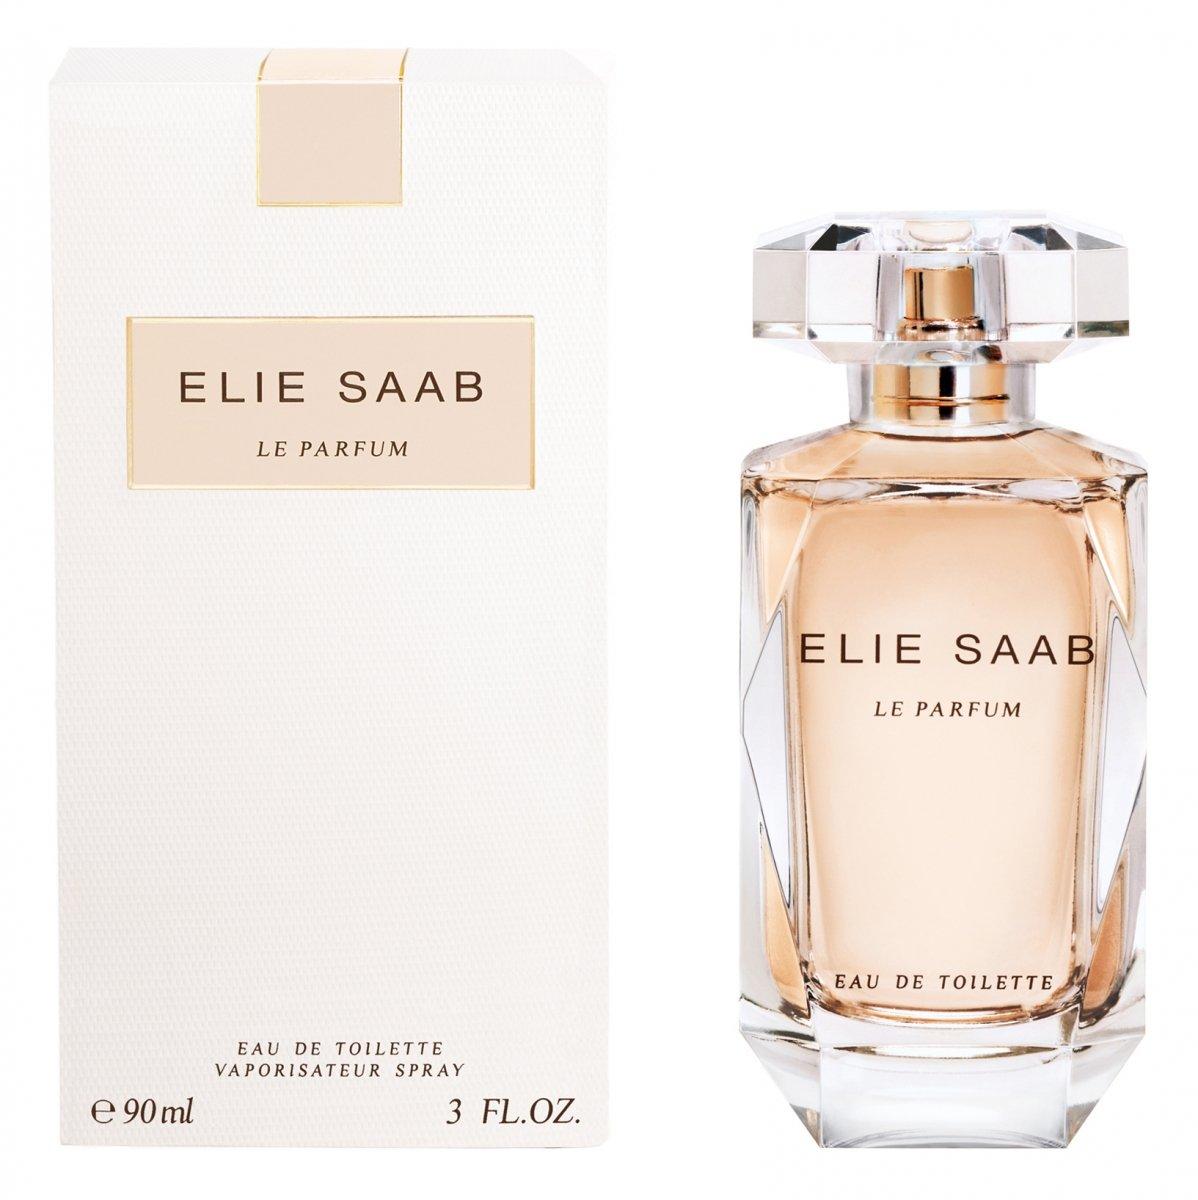 elie saab le parfum eau de toilette reviews and rating